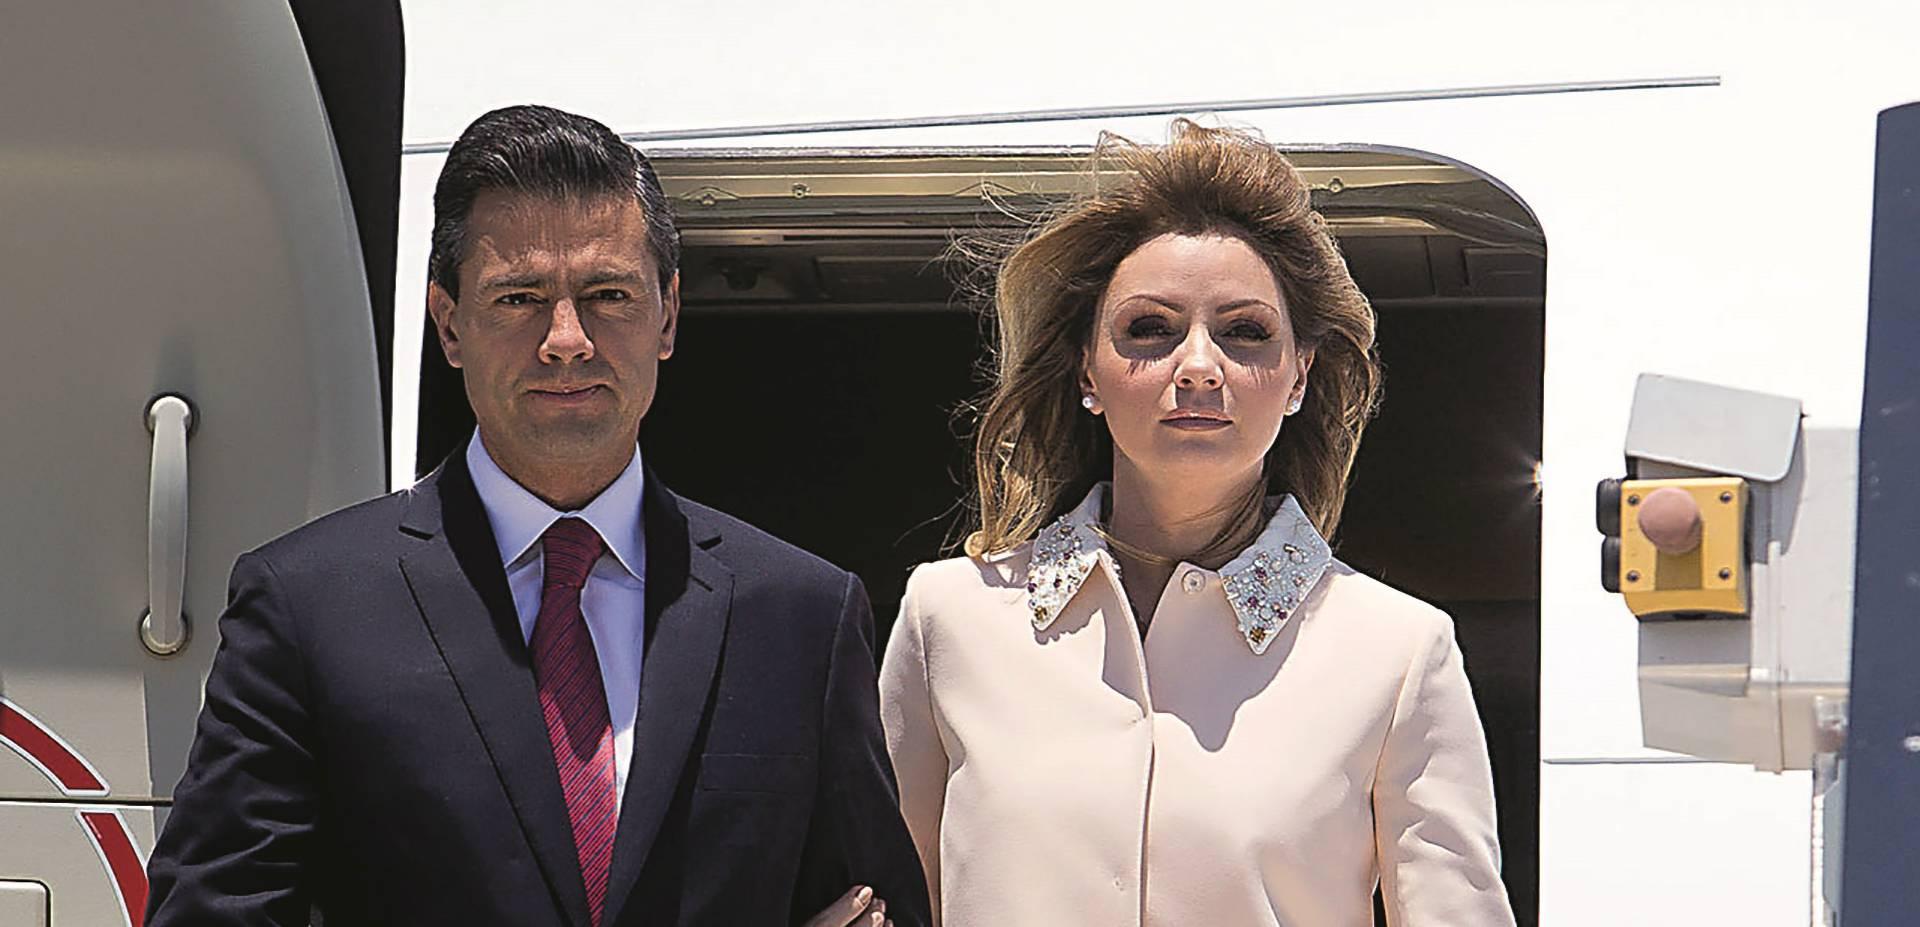 PROČITAJTE U NACIONALU Korupcijski skandal predsjednika uzdrmao Meksiko